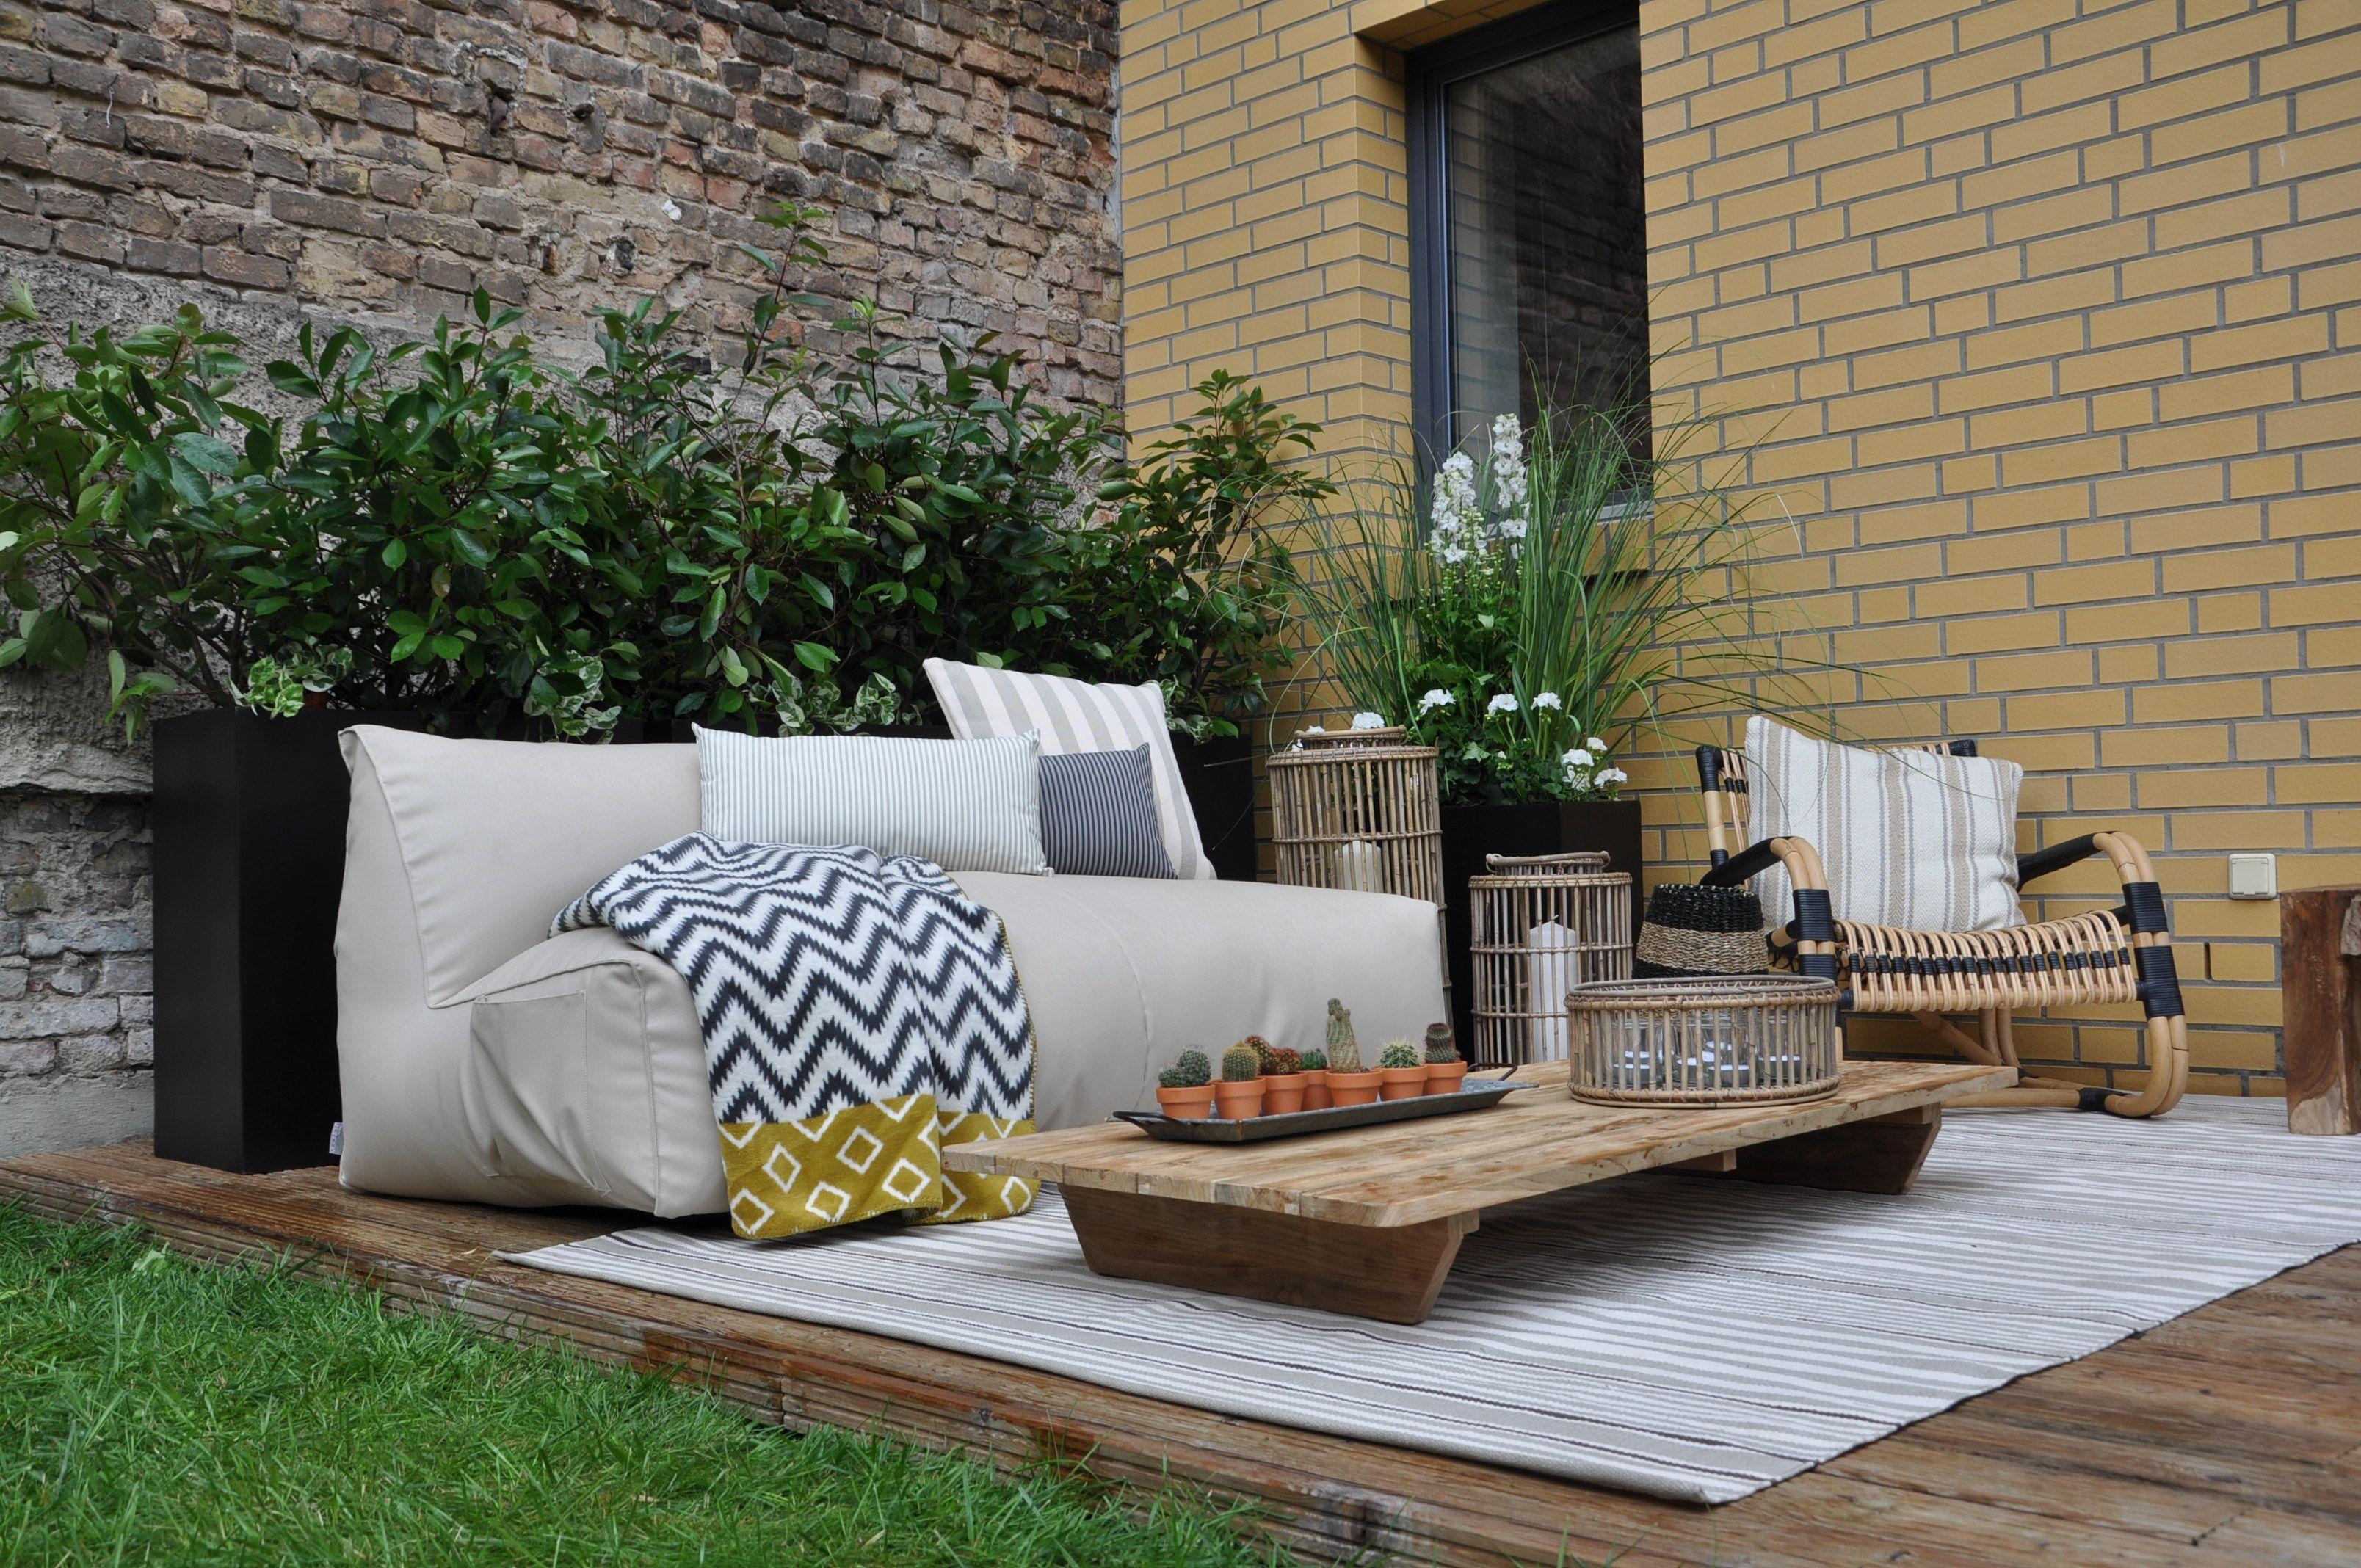 kübelpflanzen immergrün sichtschutz Terrasse Balkon